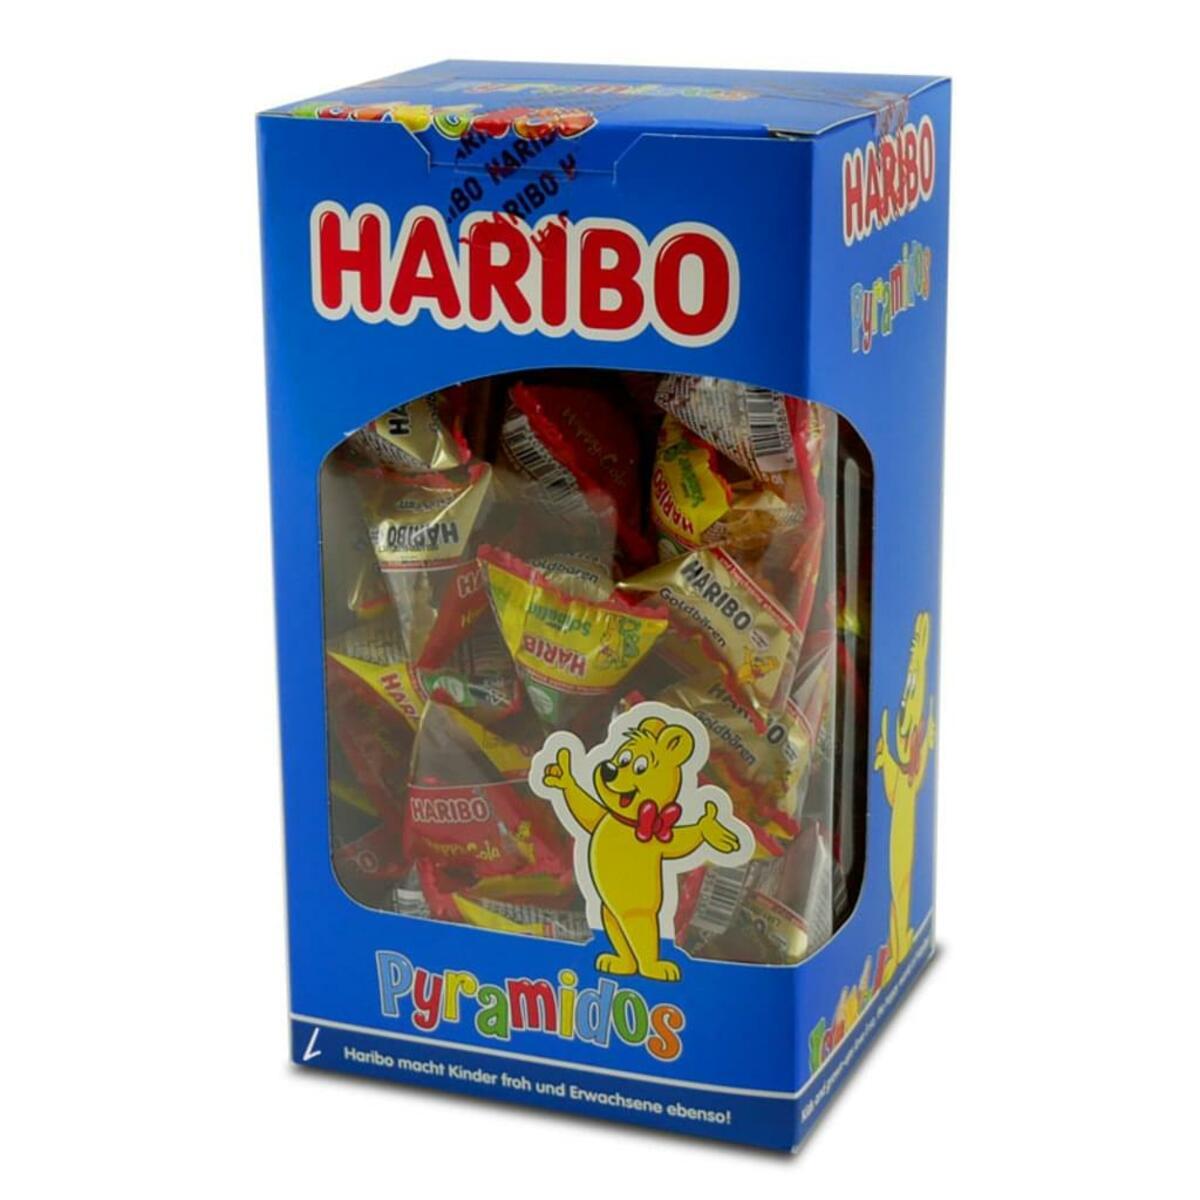 Bild 4 von Haribo Pyramidos Fruchtgummi, Gummibärchen, Colaflaschen, Süßigkeiten, in Mini-Beuteln, 750 g